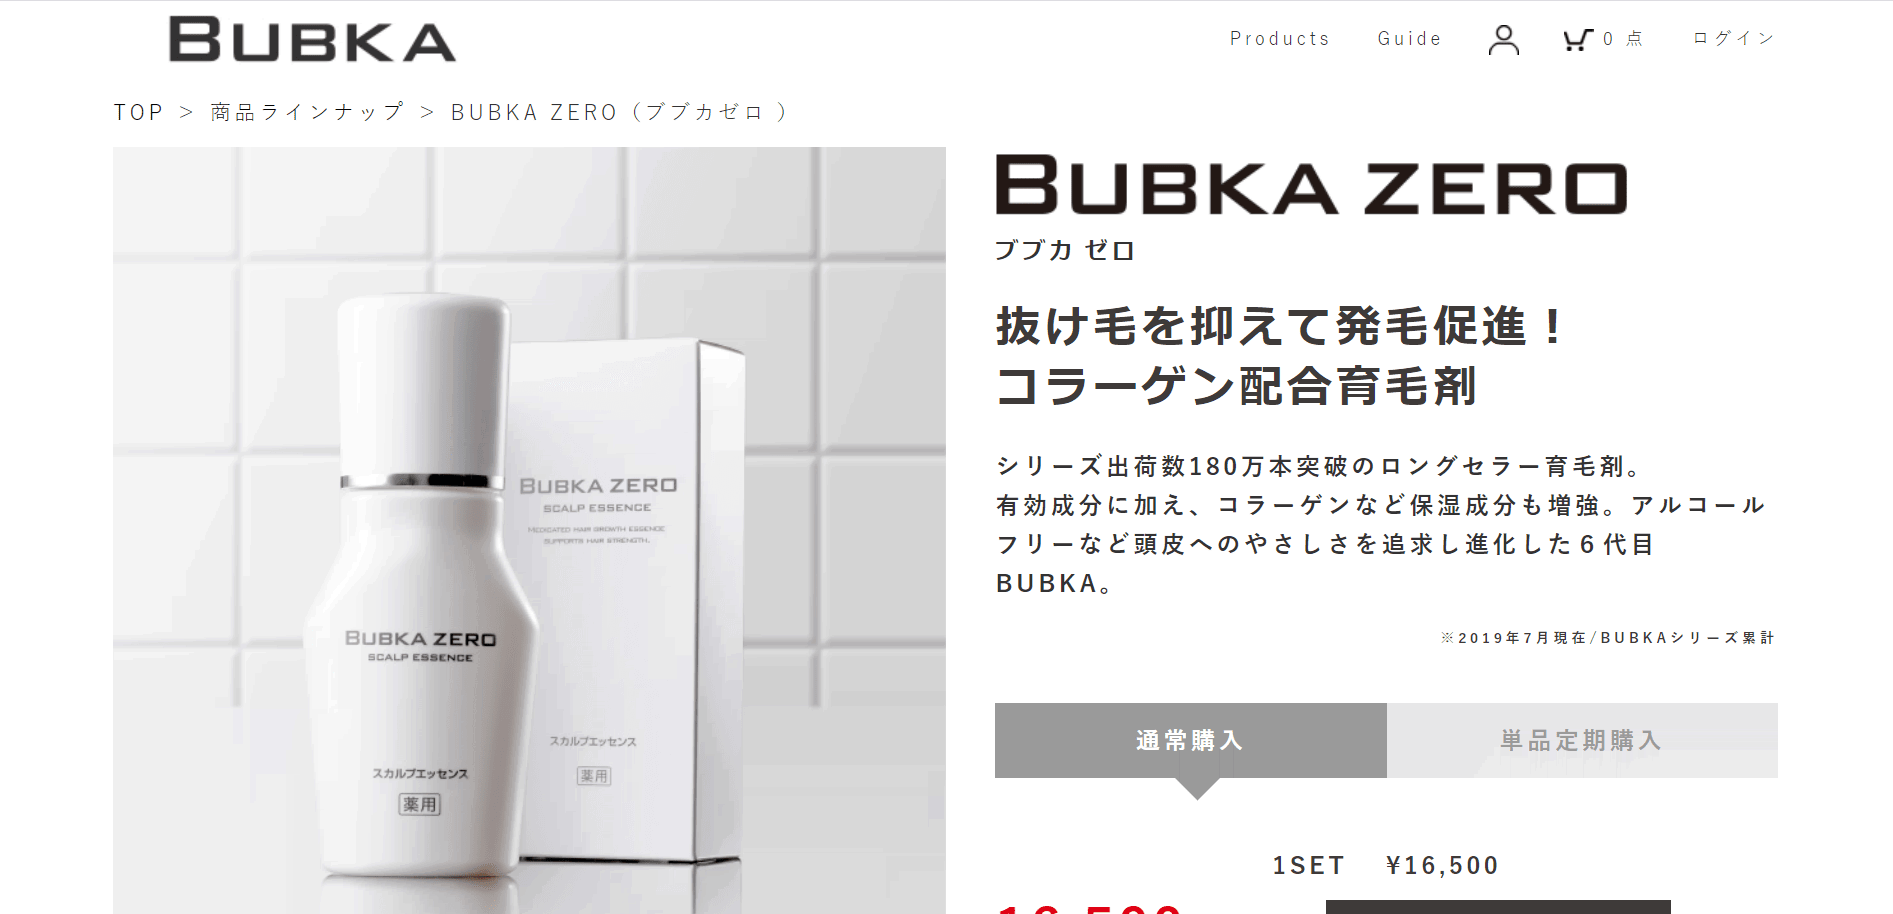 薬用スカルプエッセンス BUBKA ZERO(ブブカ ゼロ)